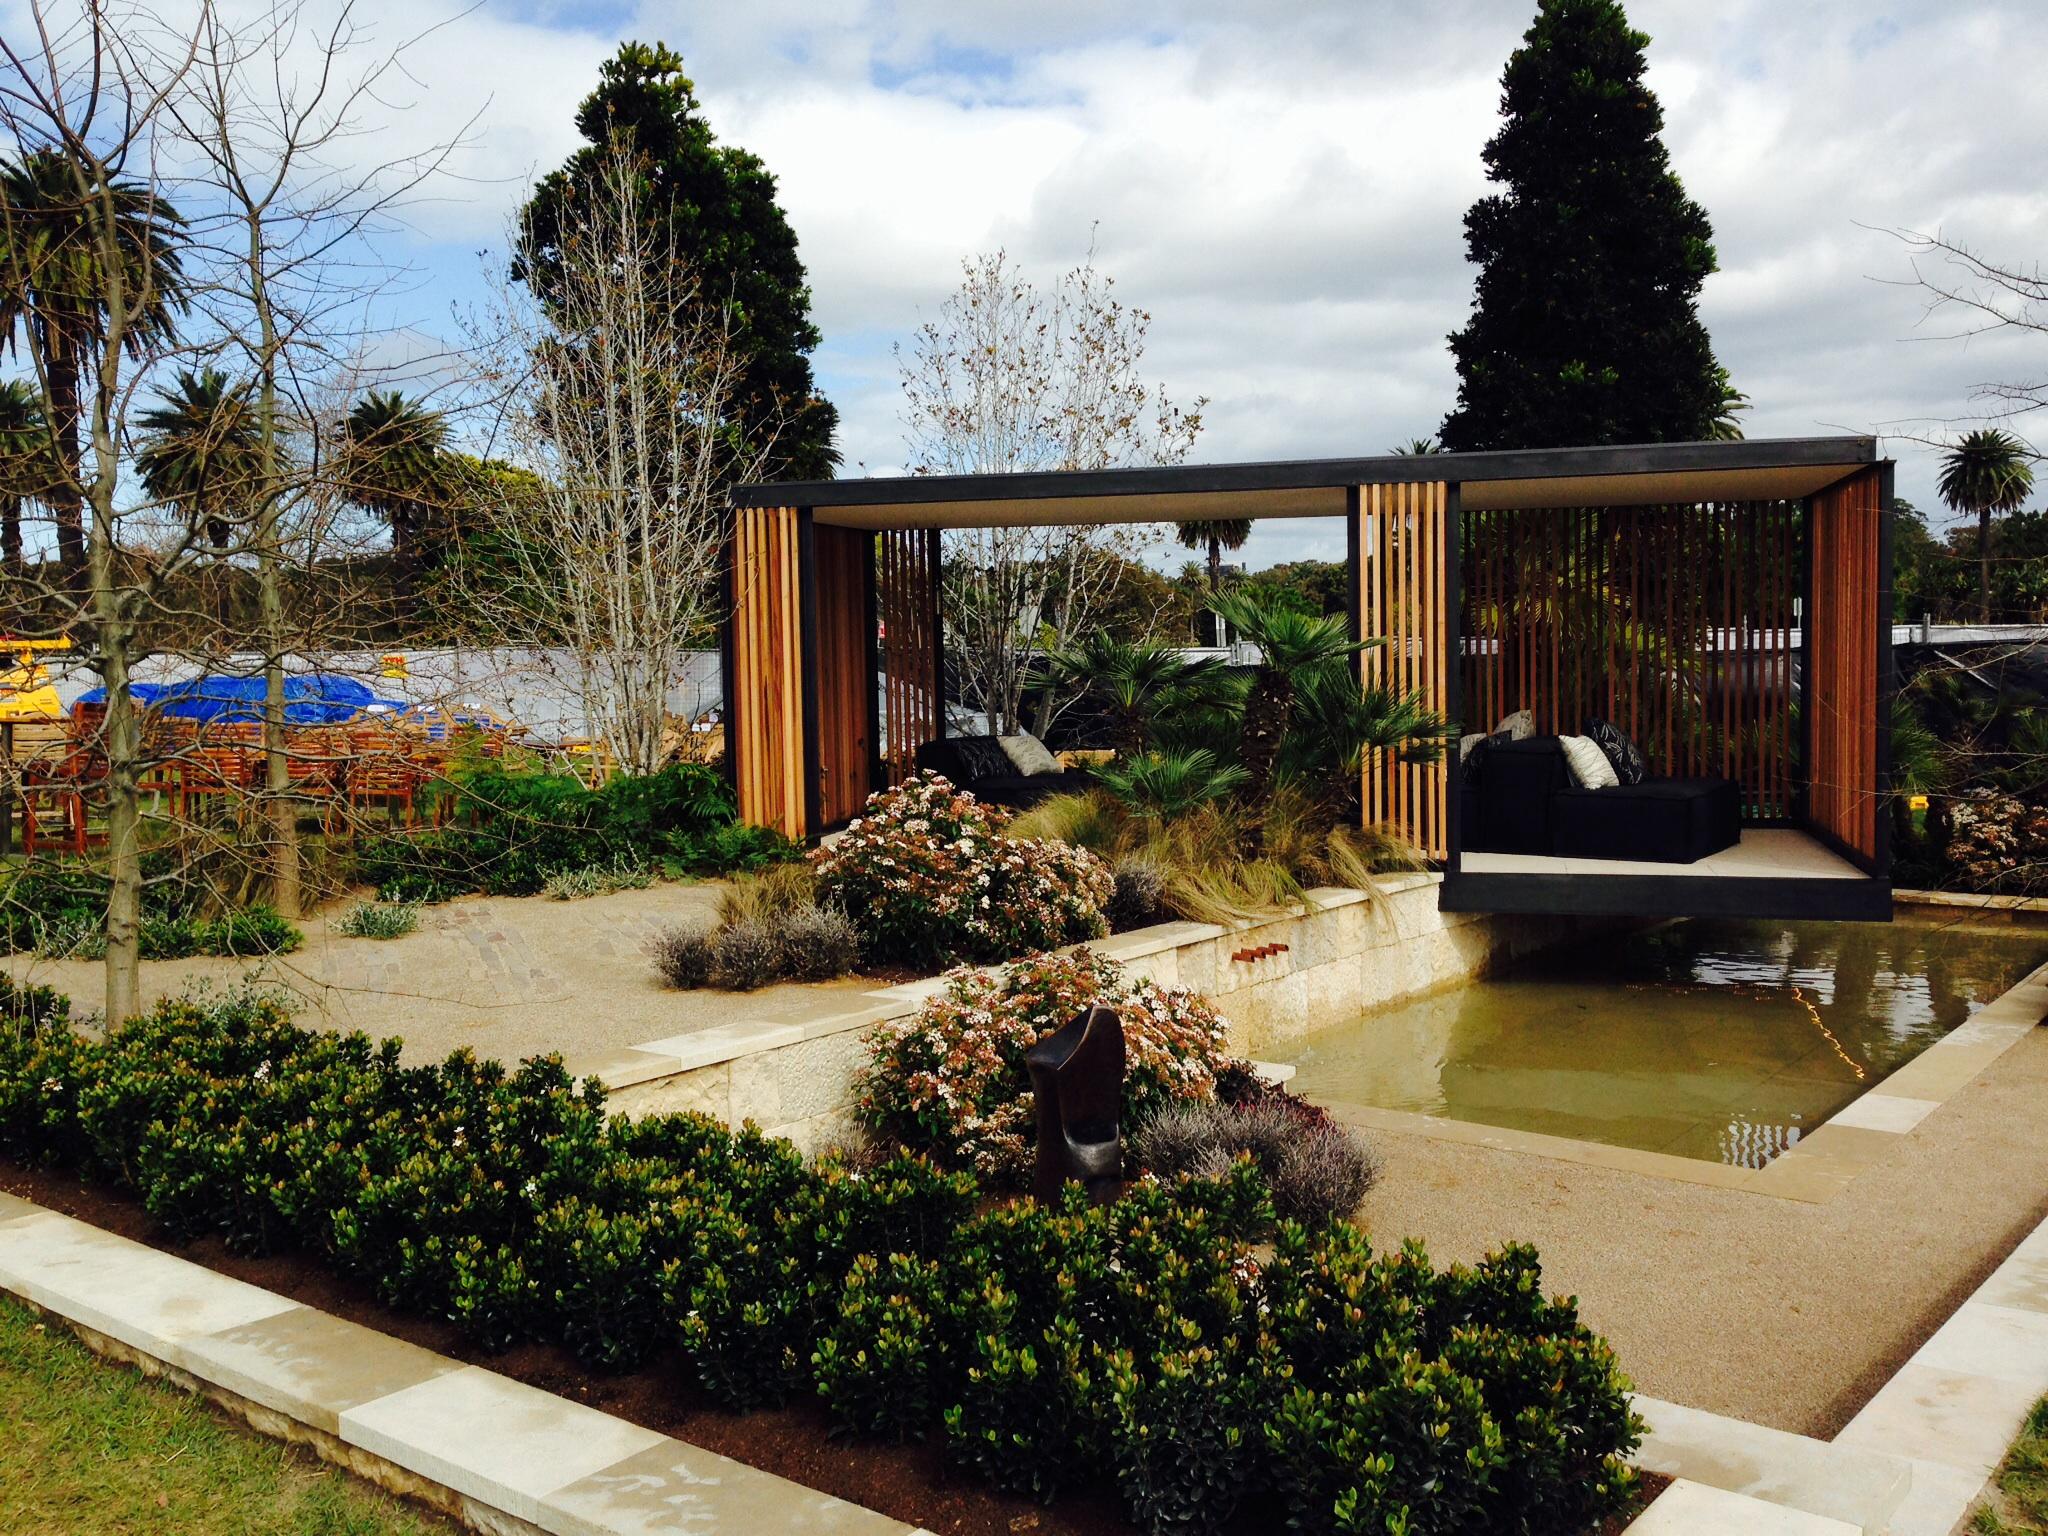 Australian garden show sydney 2014 janna schreier garden for Garden design 2014